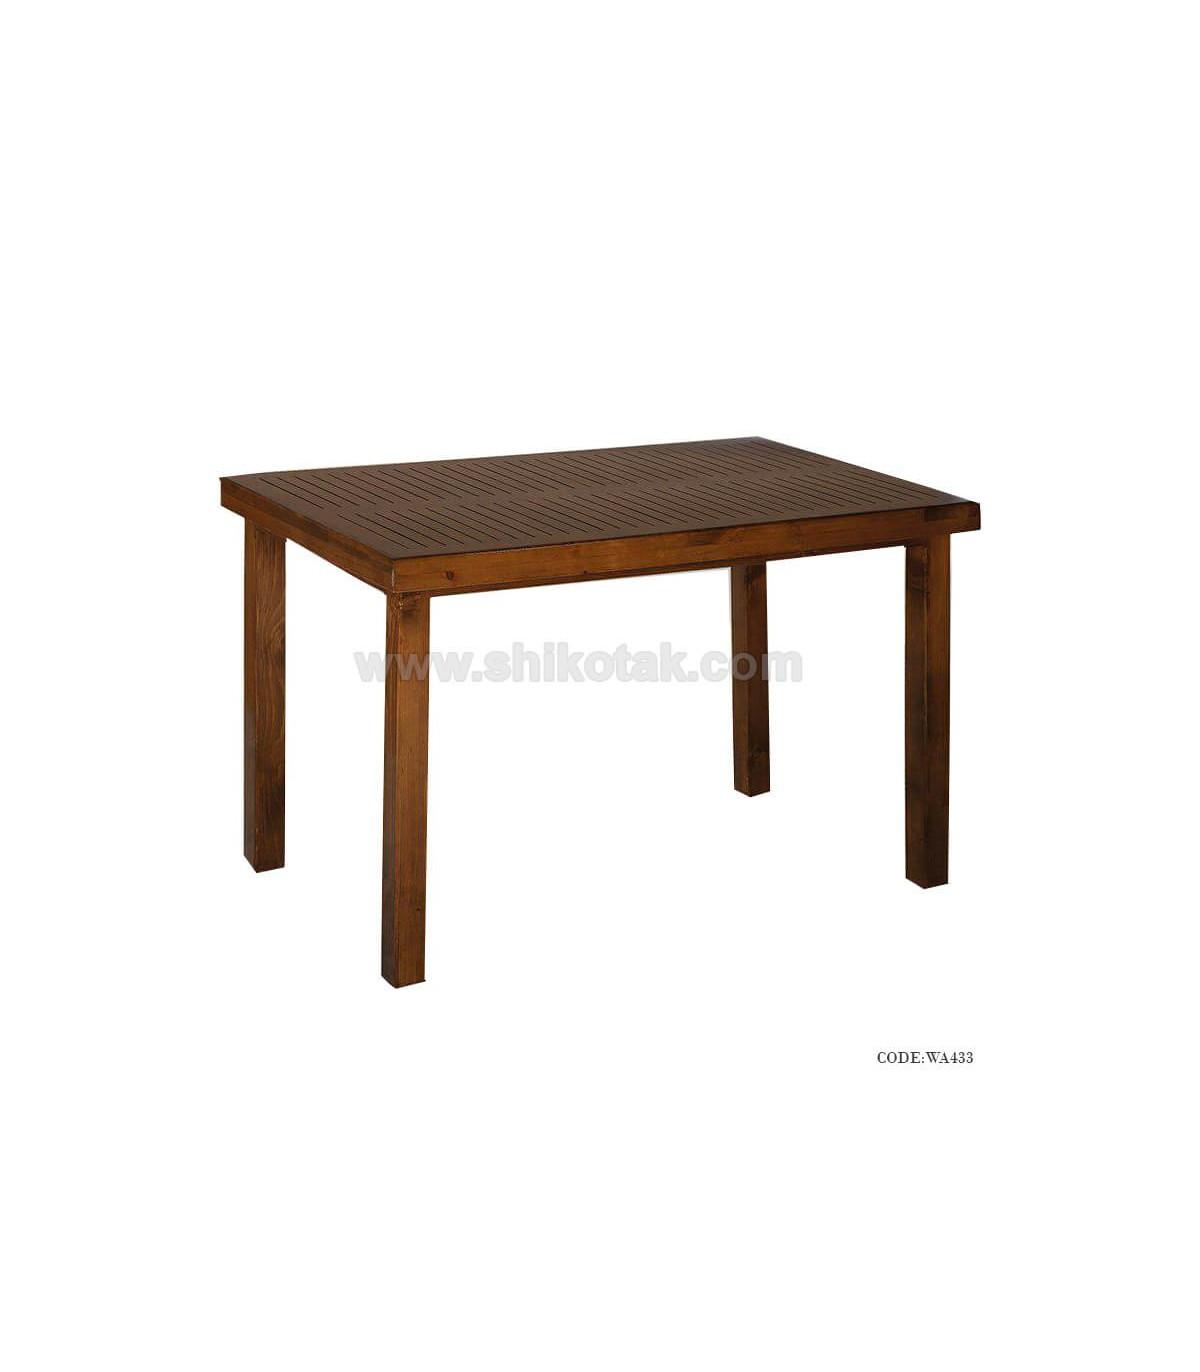 خرید اینترنتی ست میز کرکره ای و صندلی